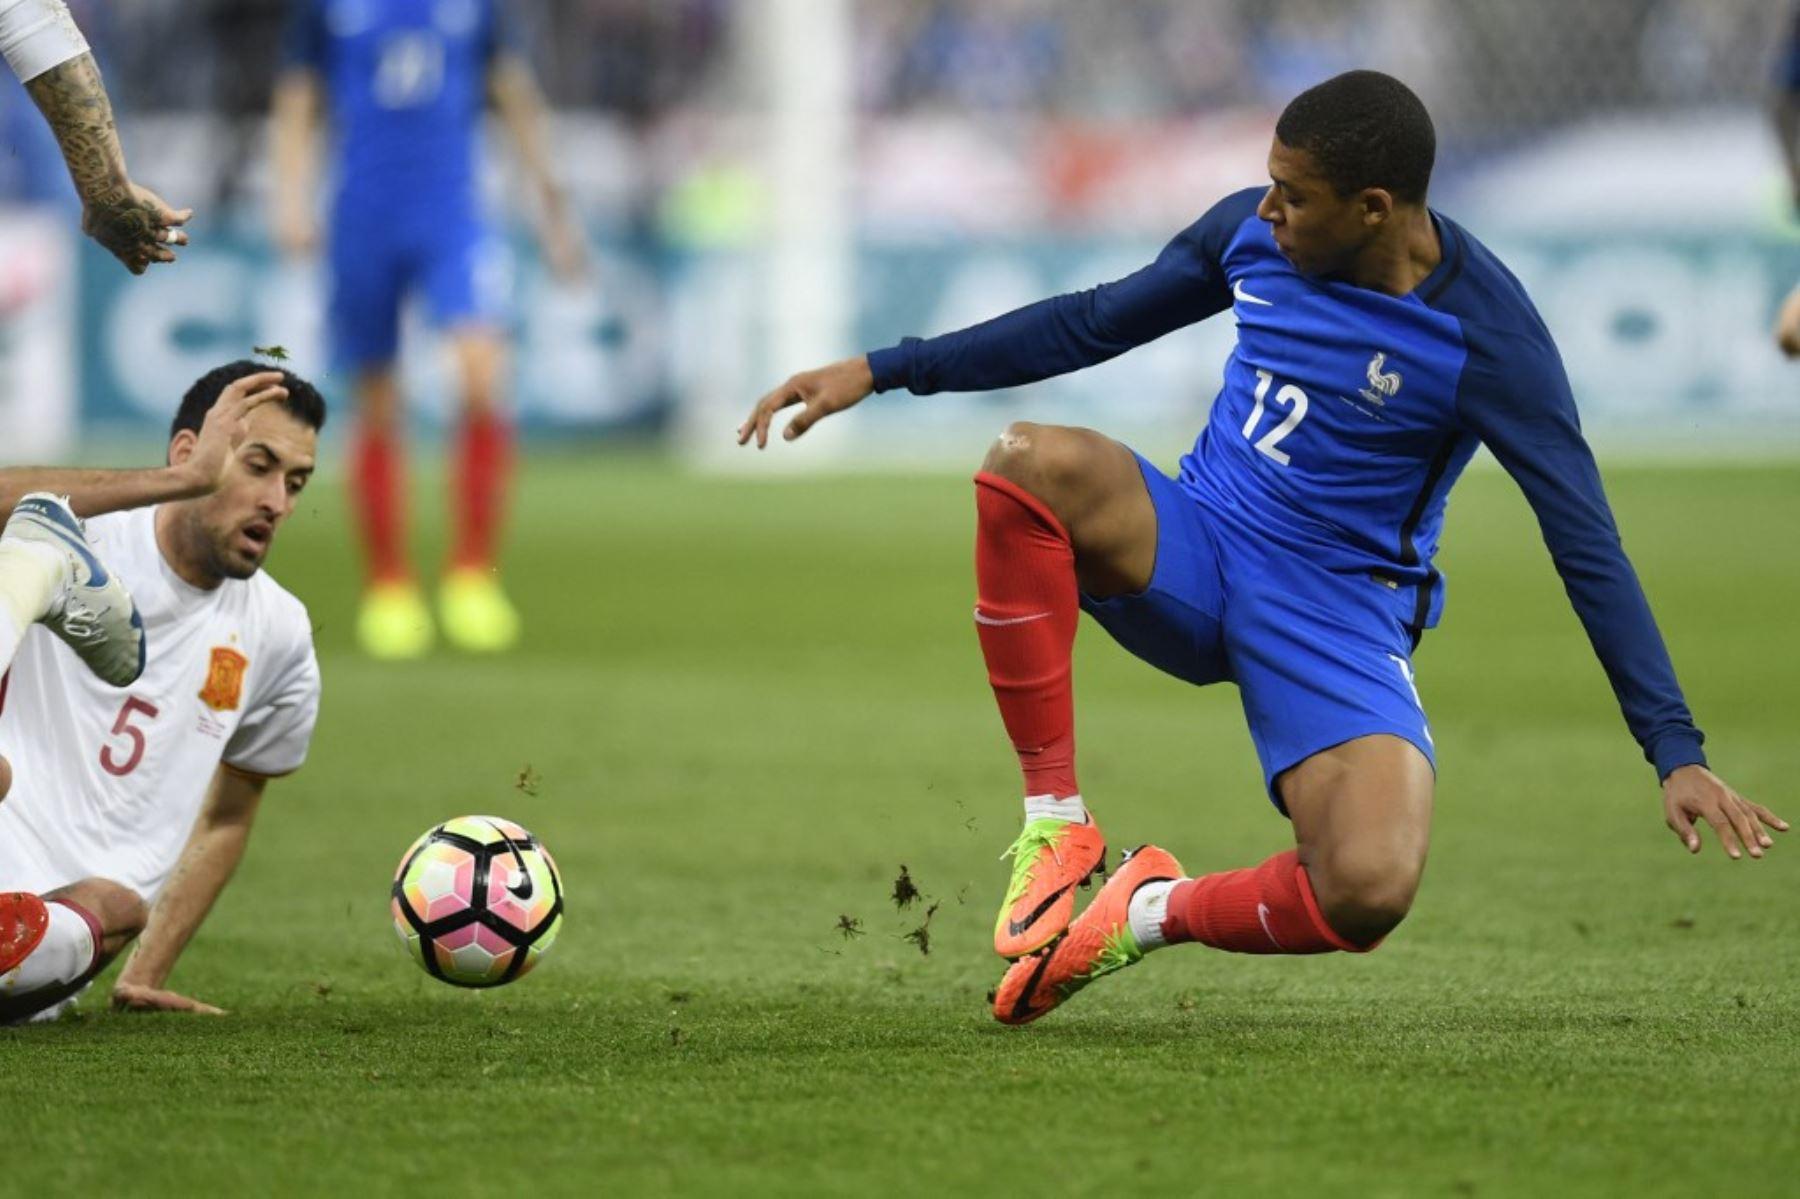 España y Francia disputan hoy la final de la Liga de Naciones en Turín